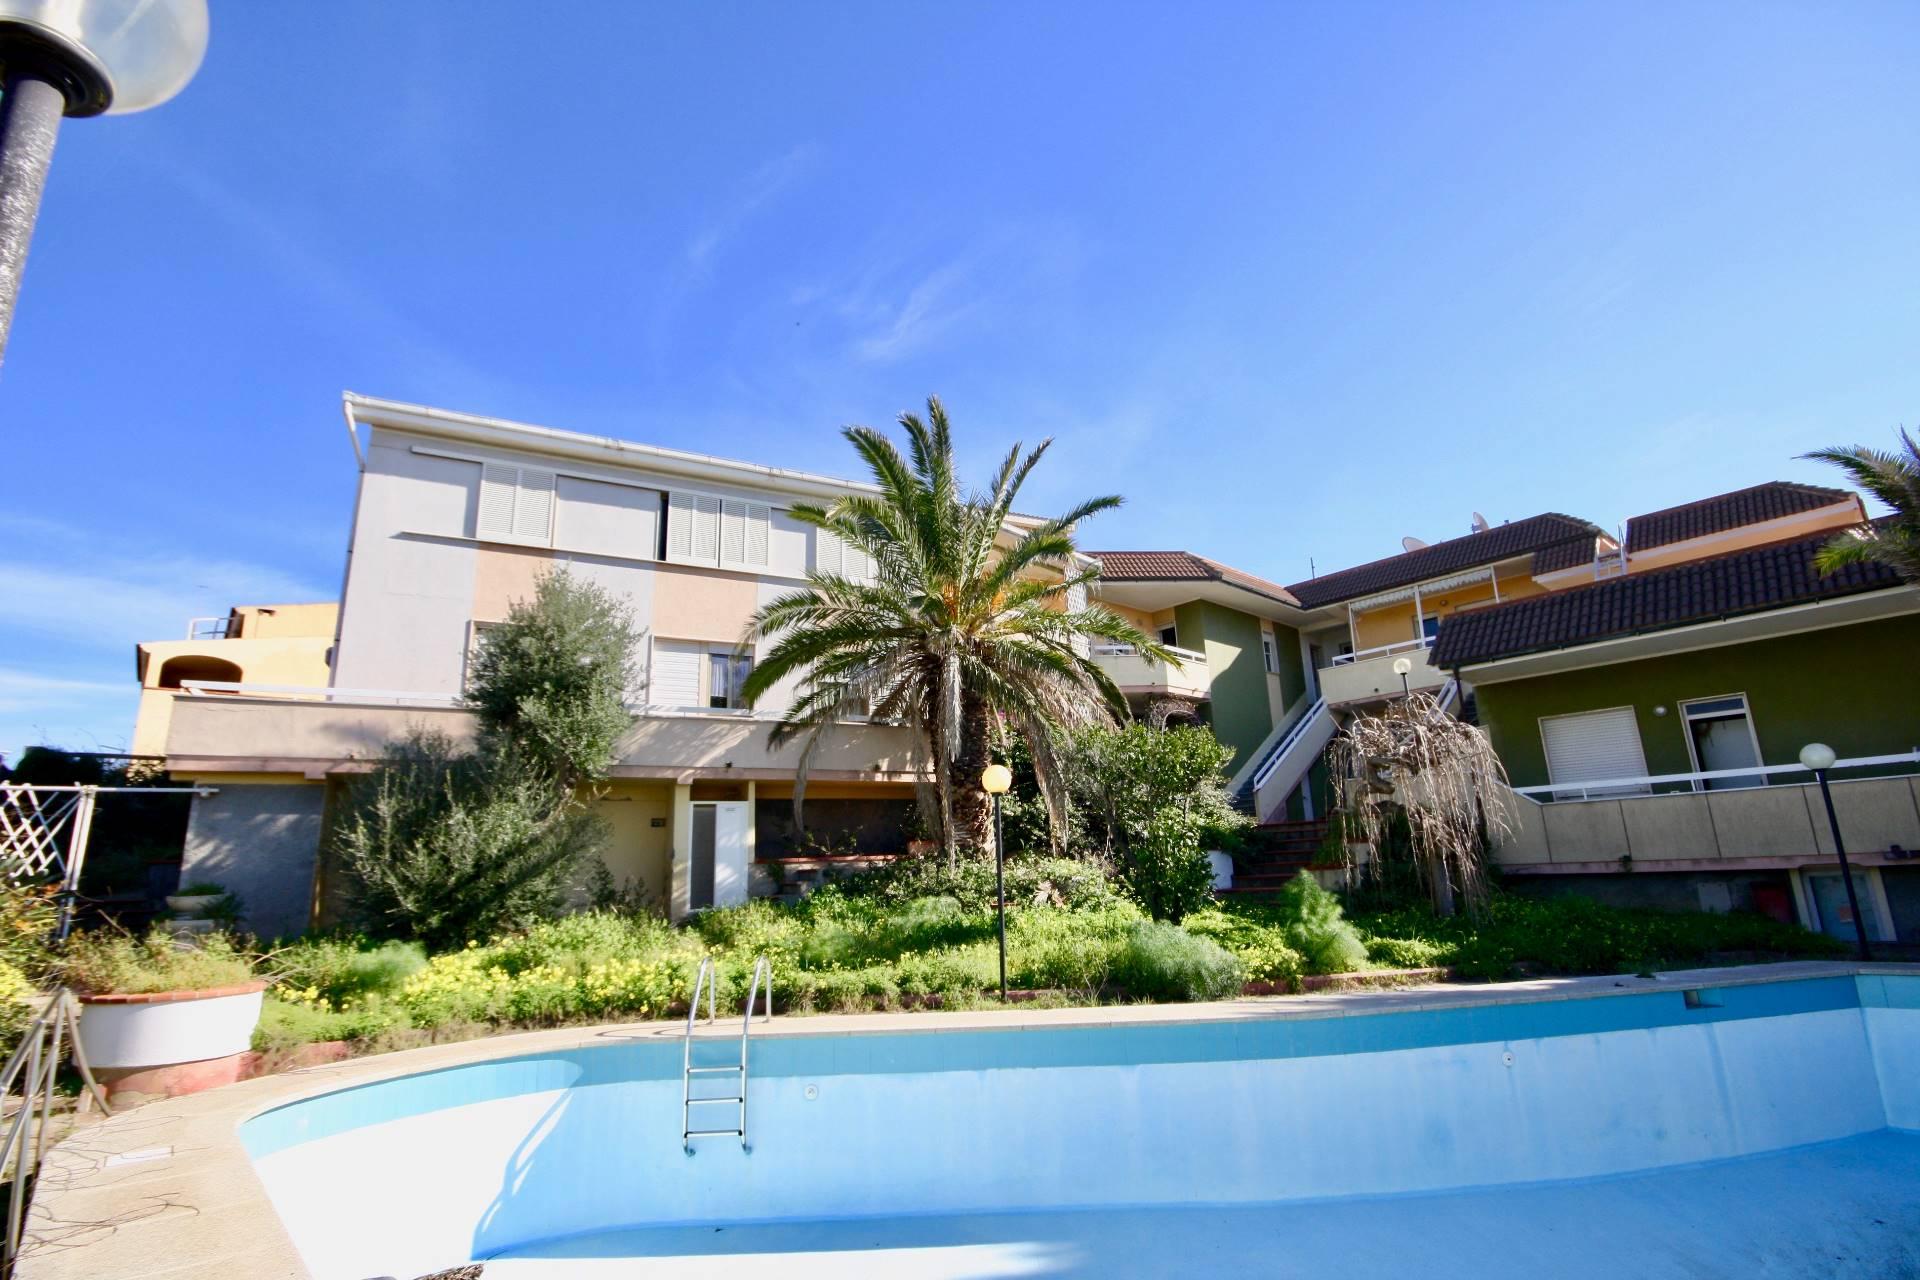 Albergo in vendita a Golfo Aranci, 9999 locali, zona Località: PAESE, prezzo € 2.450.000   CambioCasa.it